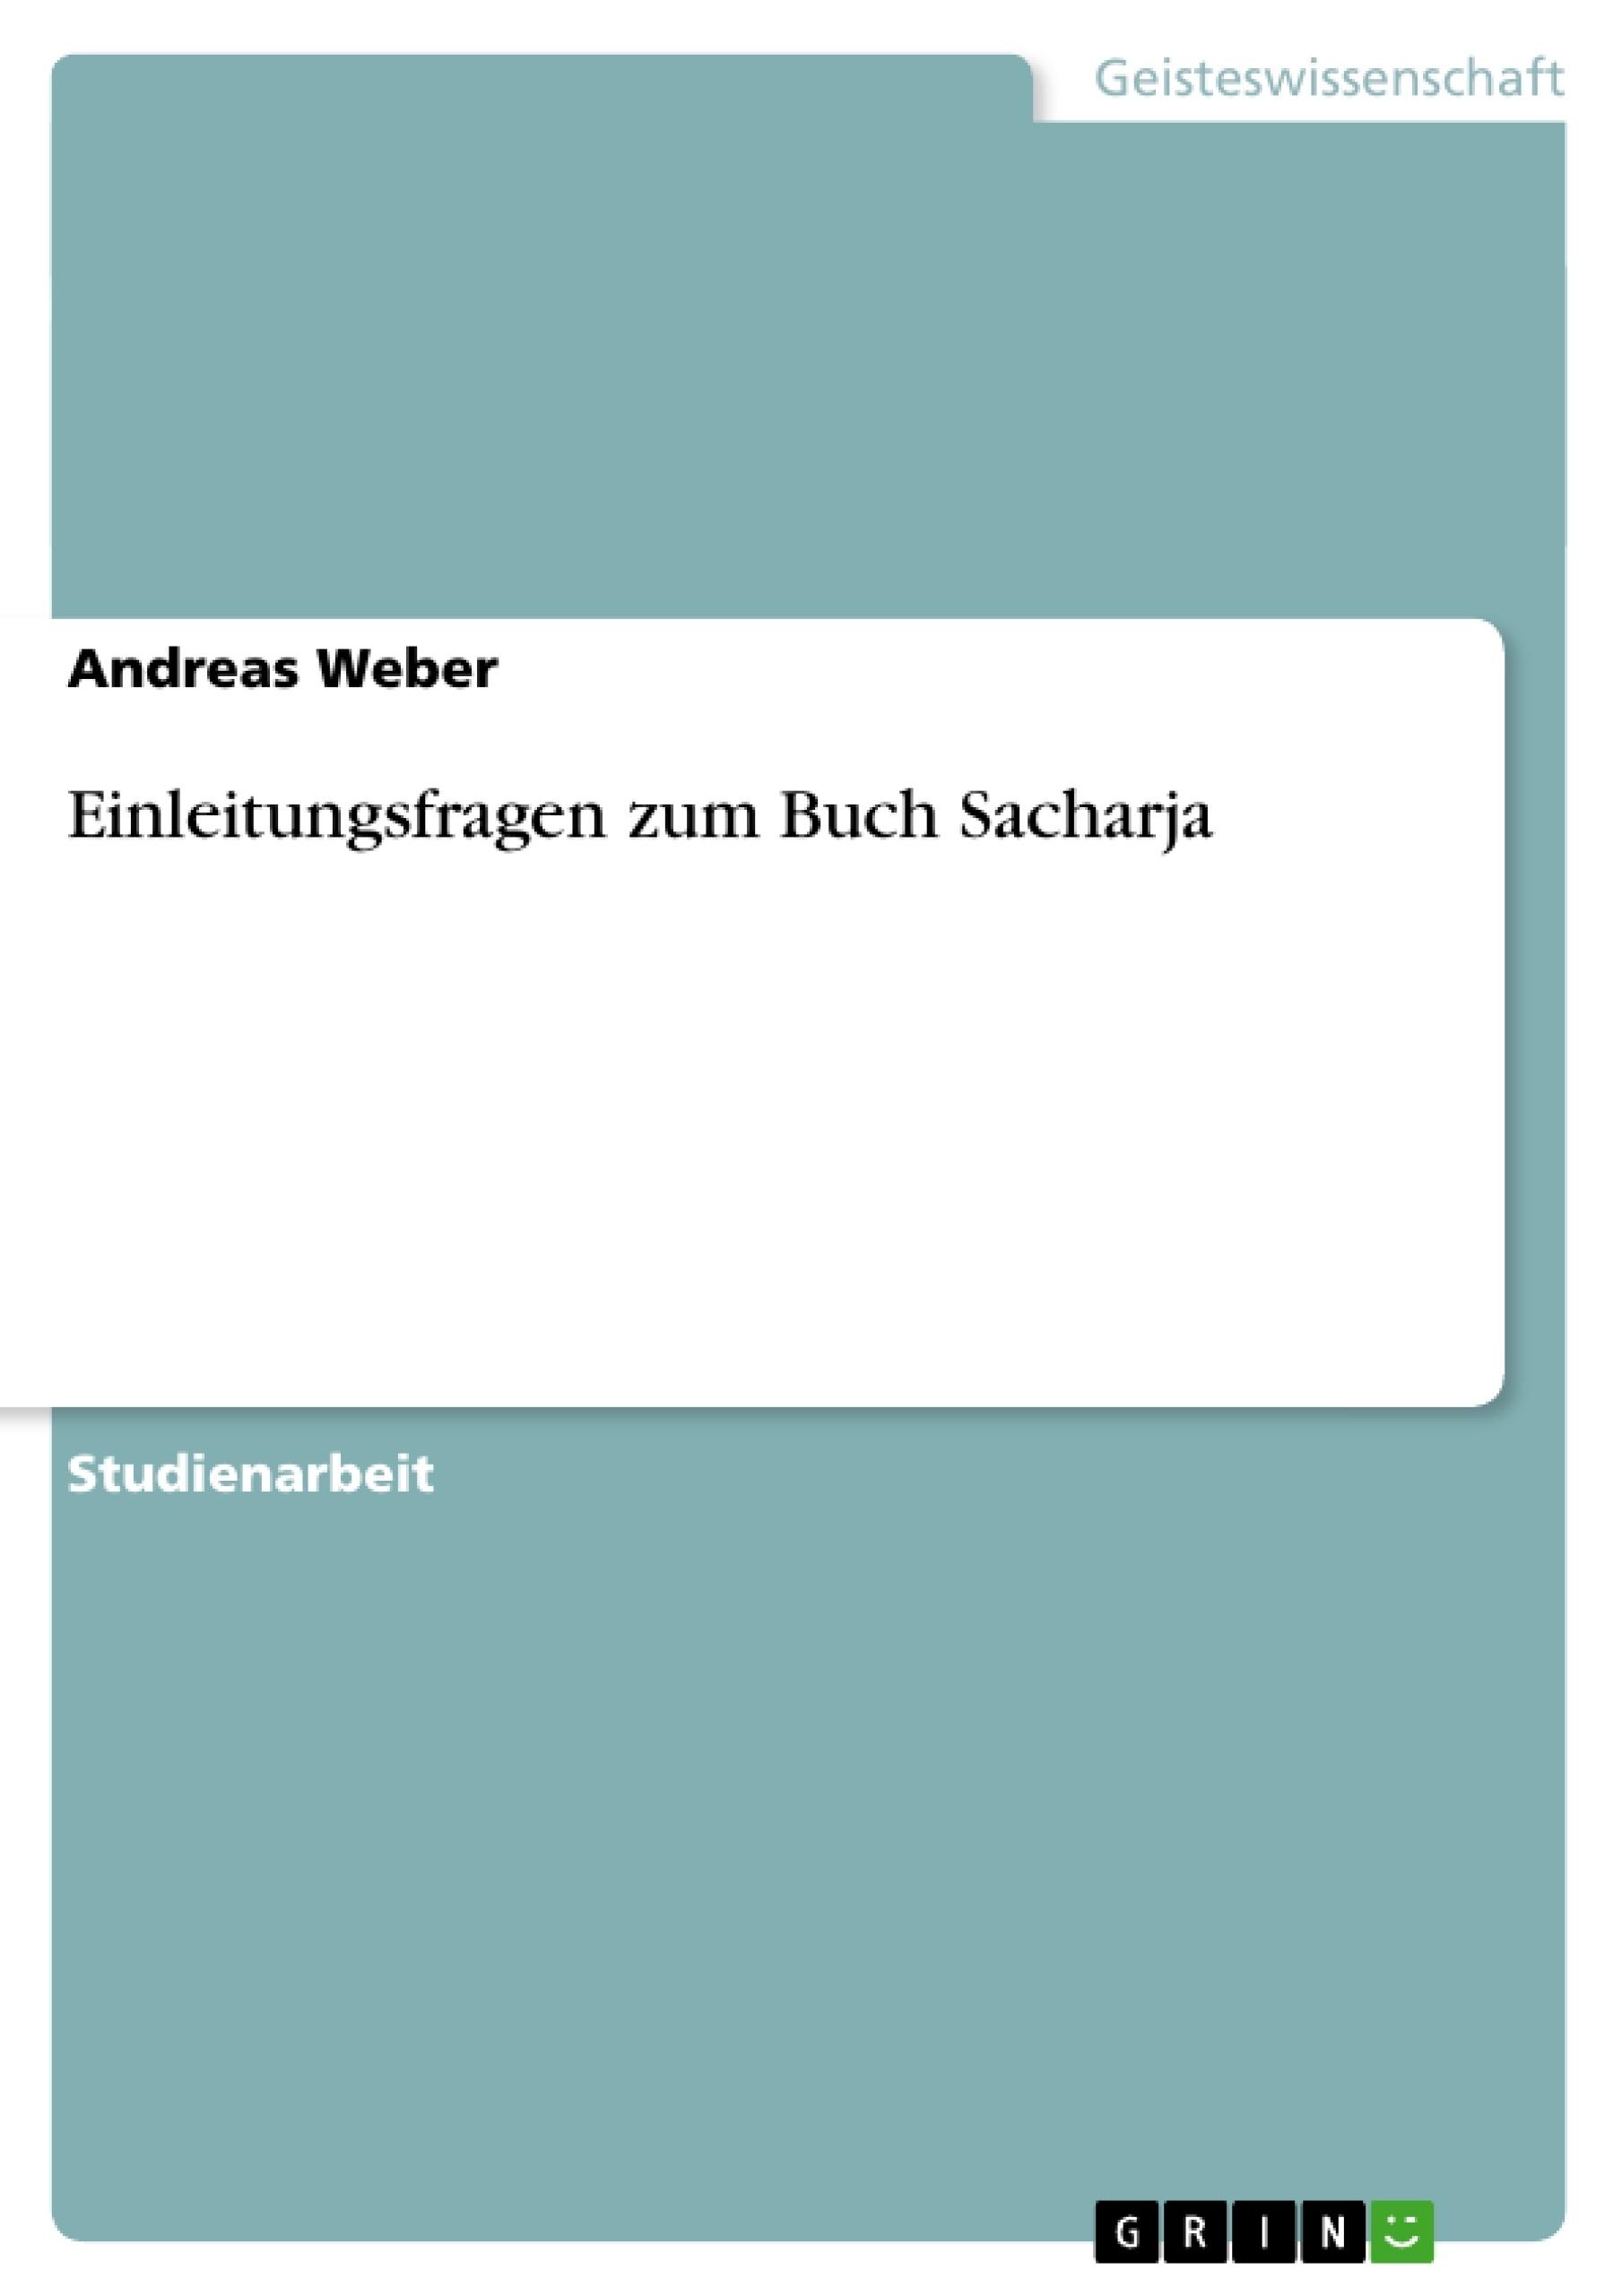 Titel: Einleitungsfragen zum Buch Sacharja